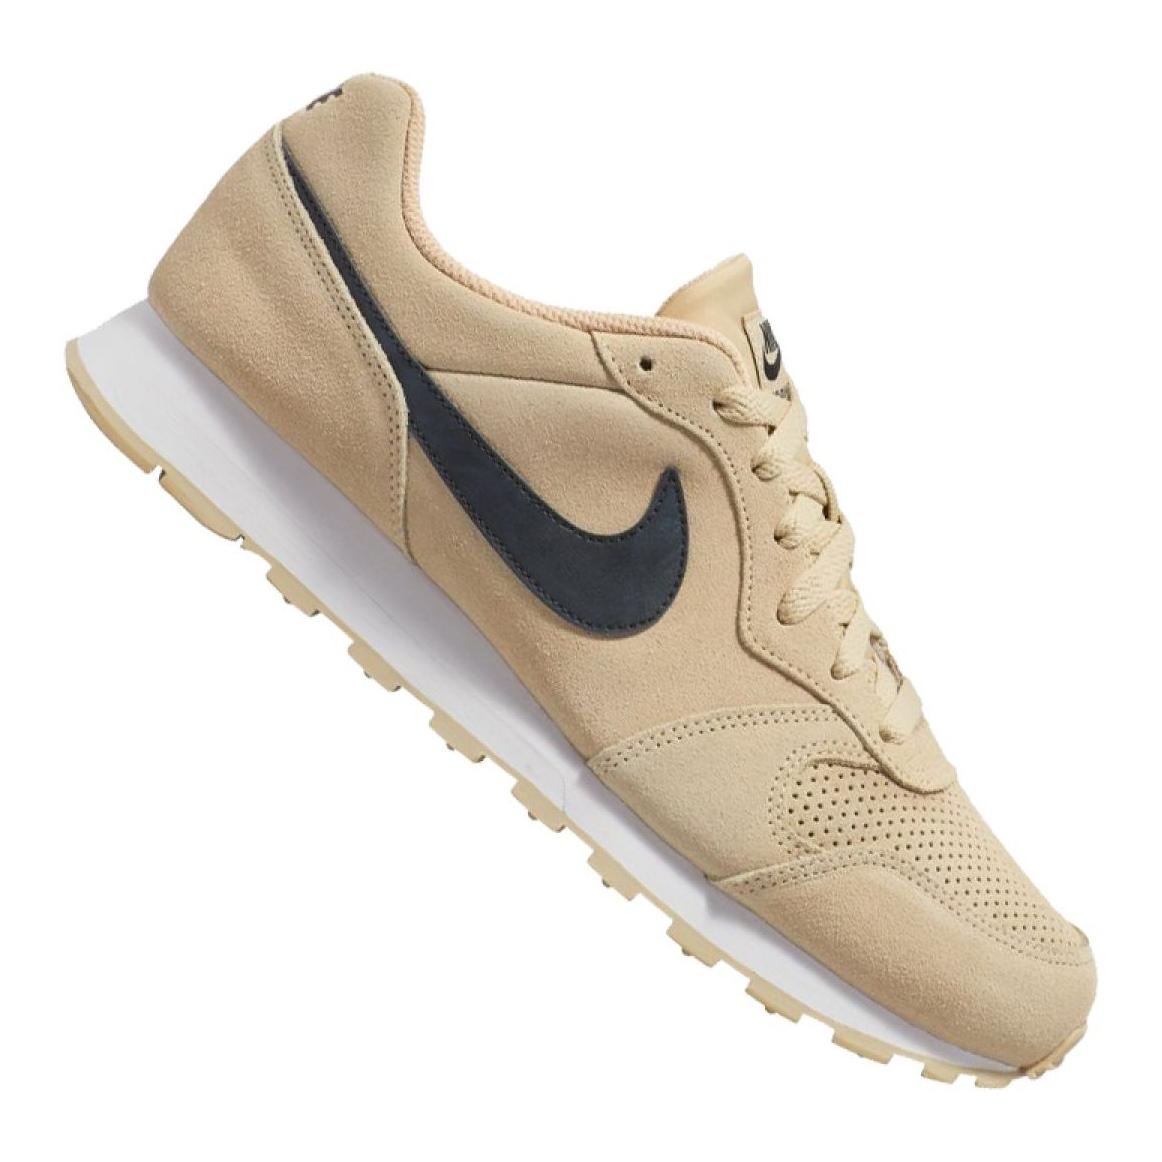 la compra auténtico Precio al por mayor 2019 buen servicio Zapatillas Nike Md Runner 2 Suede M AQ9211-700 marrón